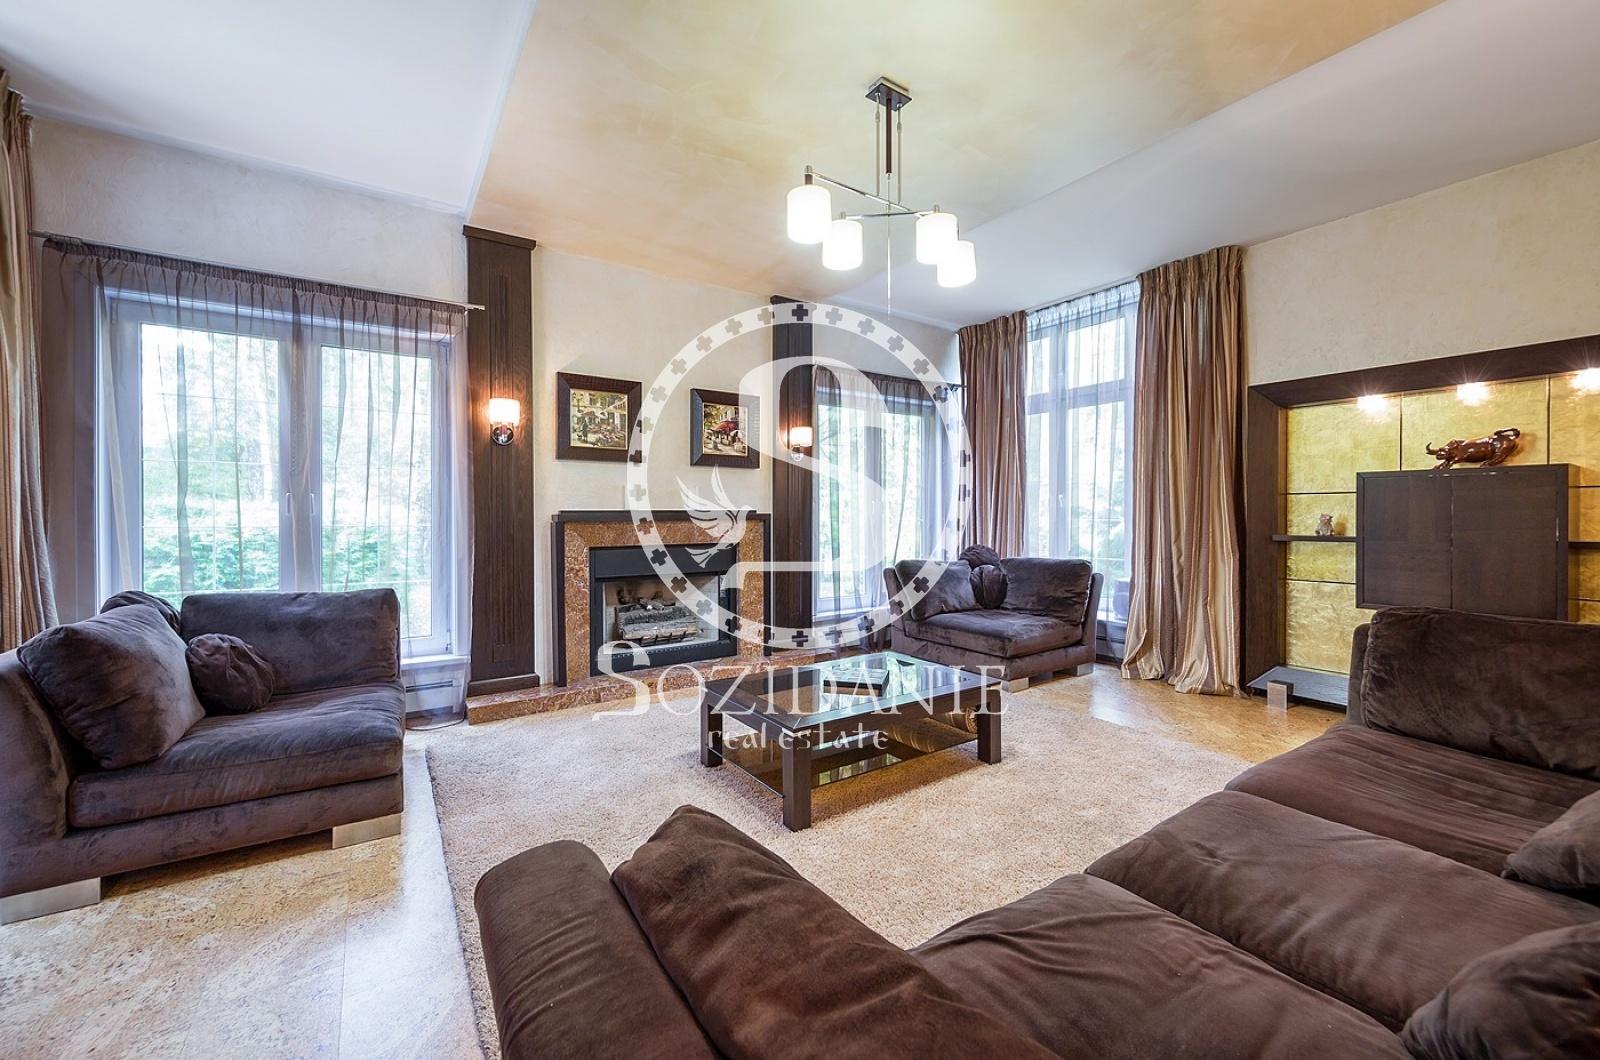 5 Bedrooms, Загородная, Продажа, Listing ID 3533, Московская область, Россия,